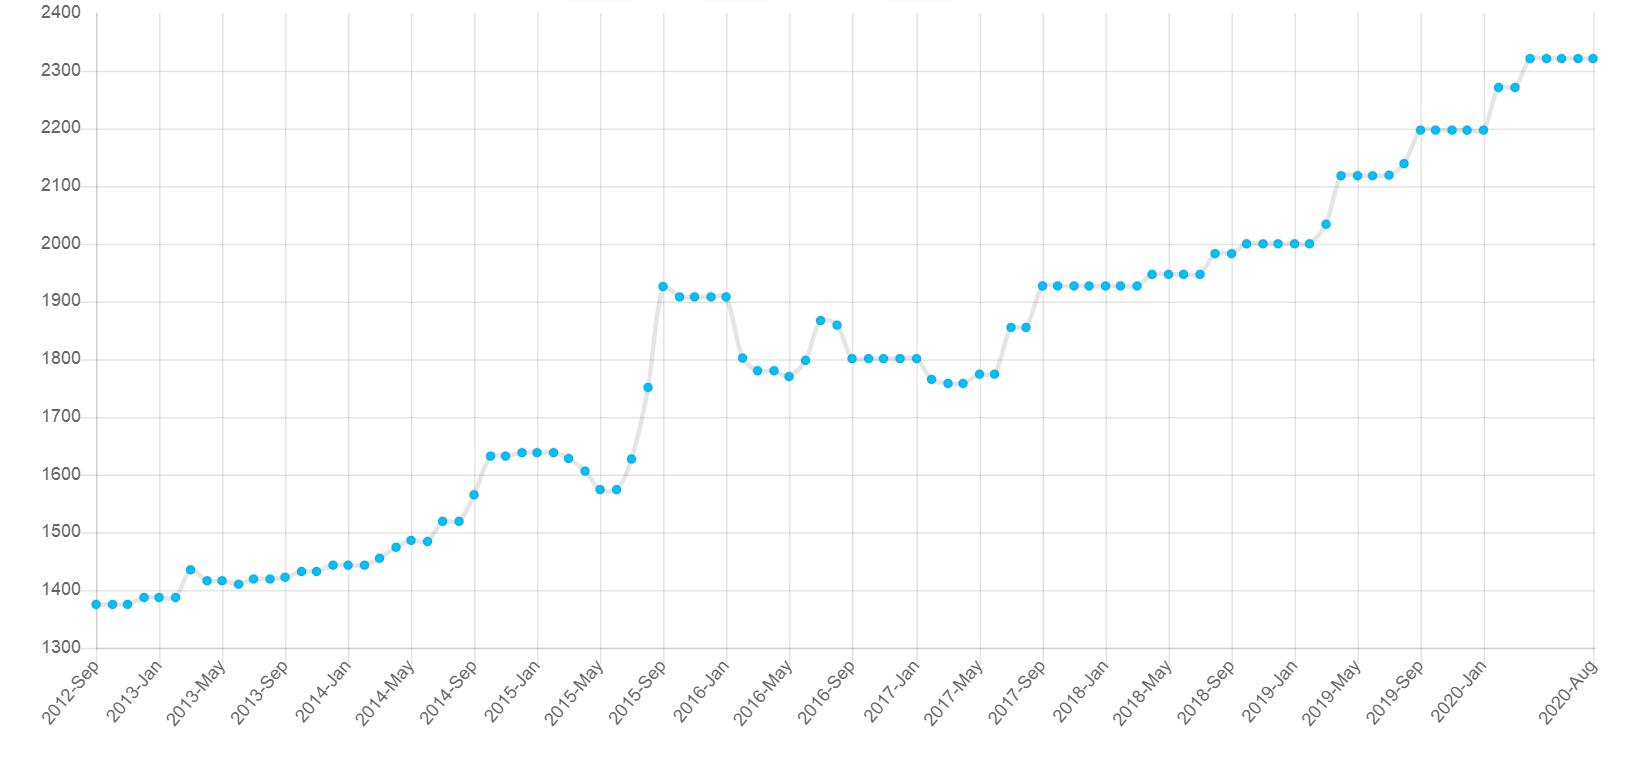 Patrycja Waszczuk - przyrost rankingowy FIDE